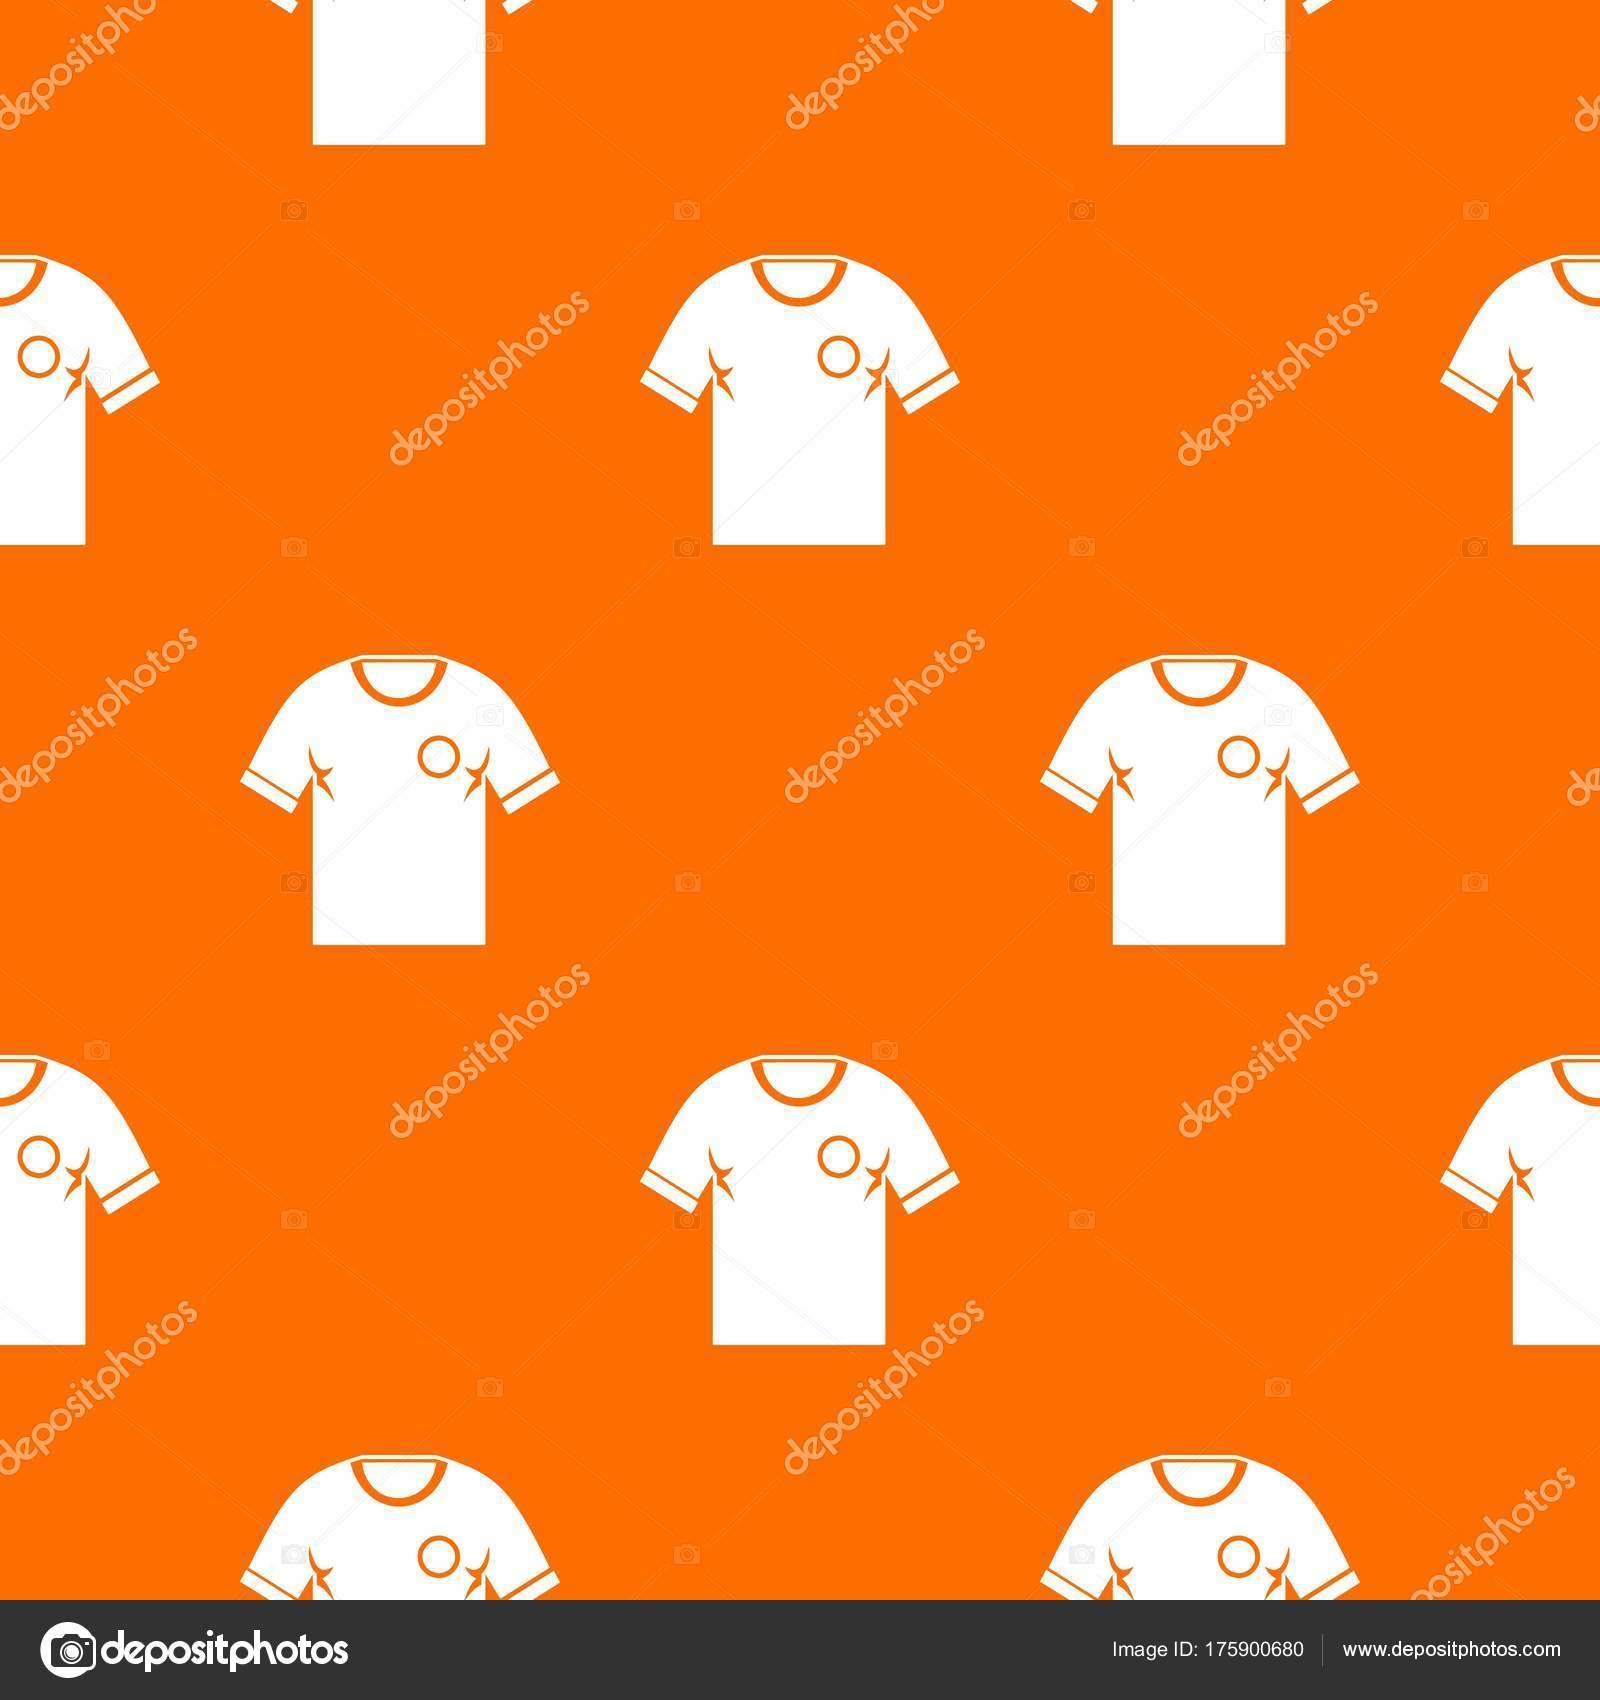 48e8e624ef Foci póló minta ismételje meg a narancssárga szín műkörmök varrat nélküli.  Vektor geometriai ábra — Vektorok ylivdesign ...